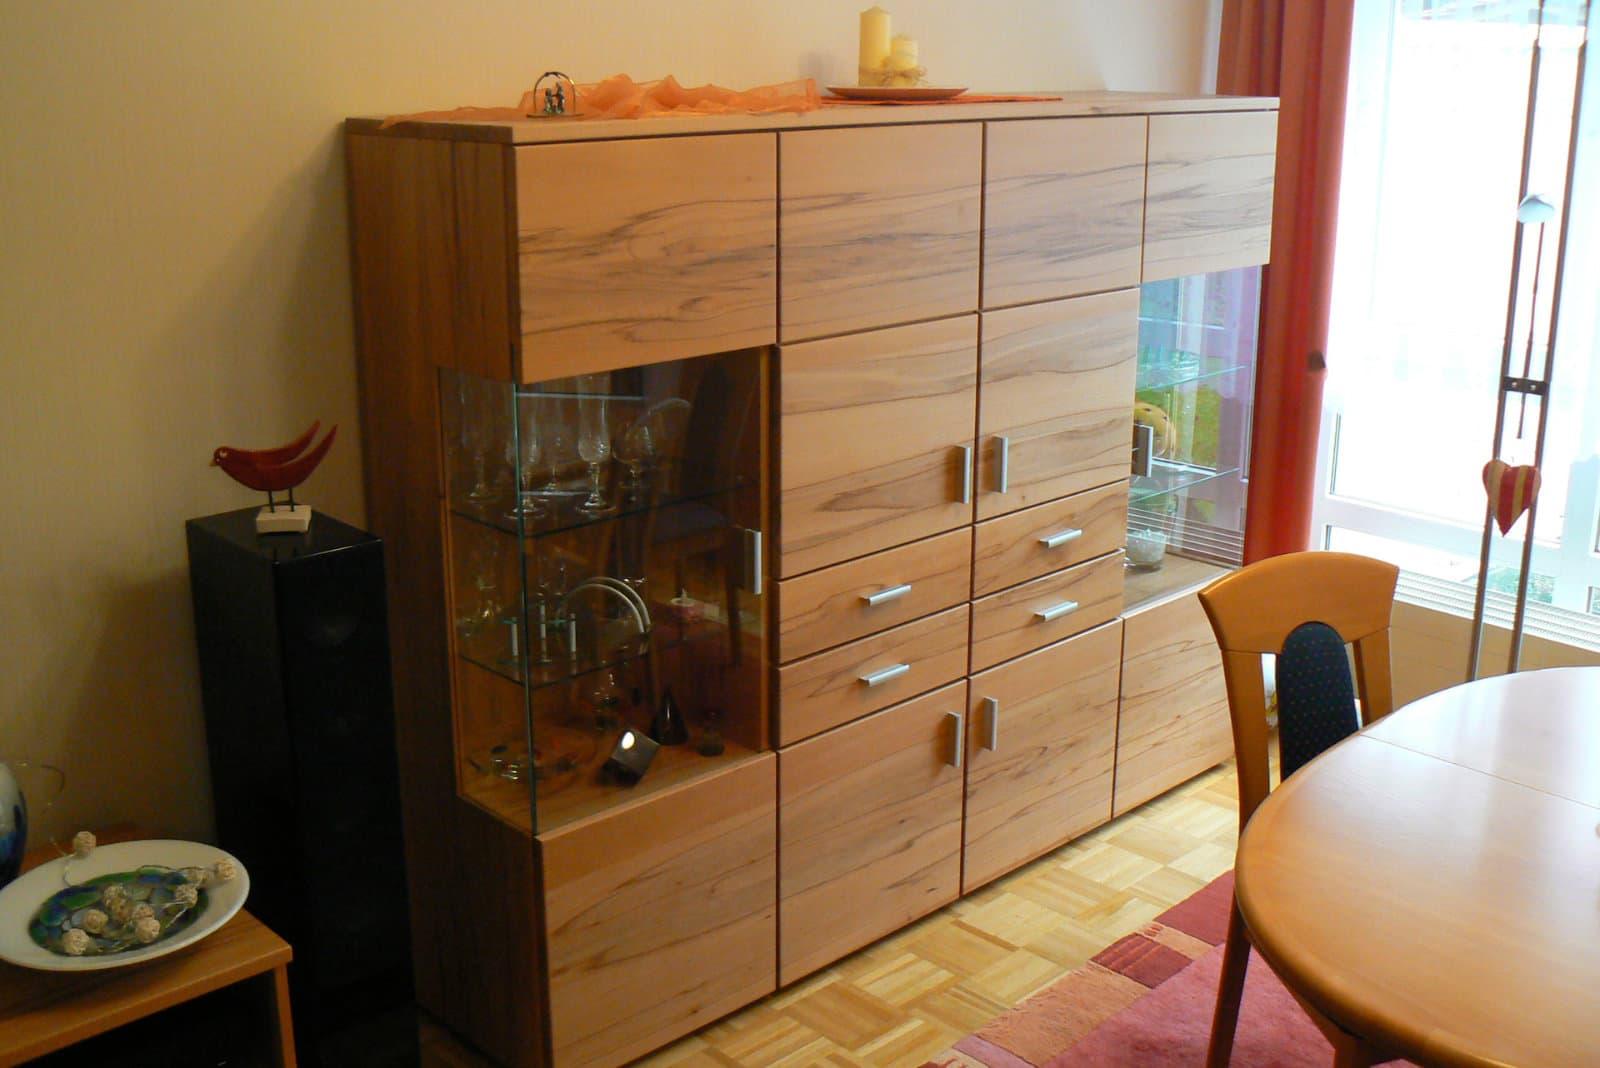 Wohnzimmermöbel nach Maß - Henche Möbelwerkstätte